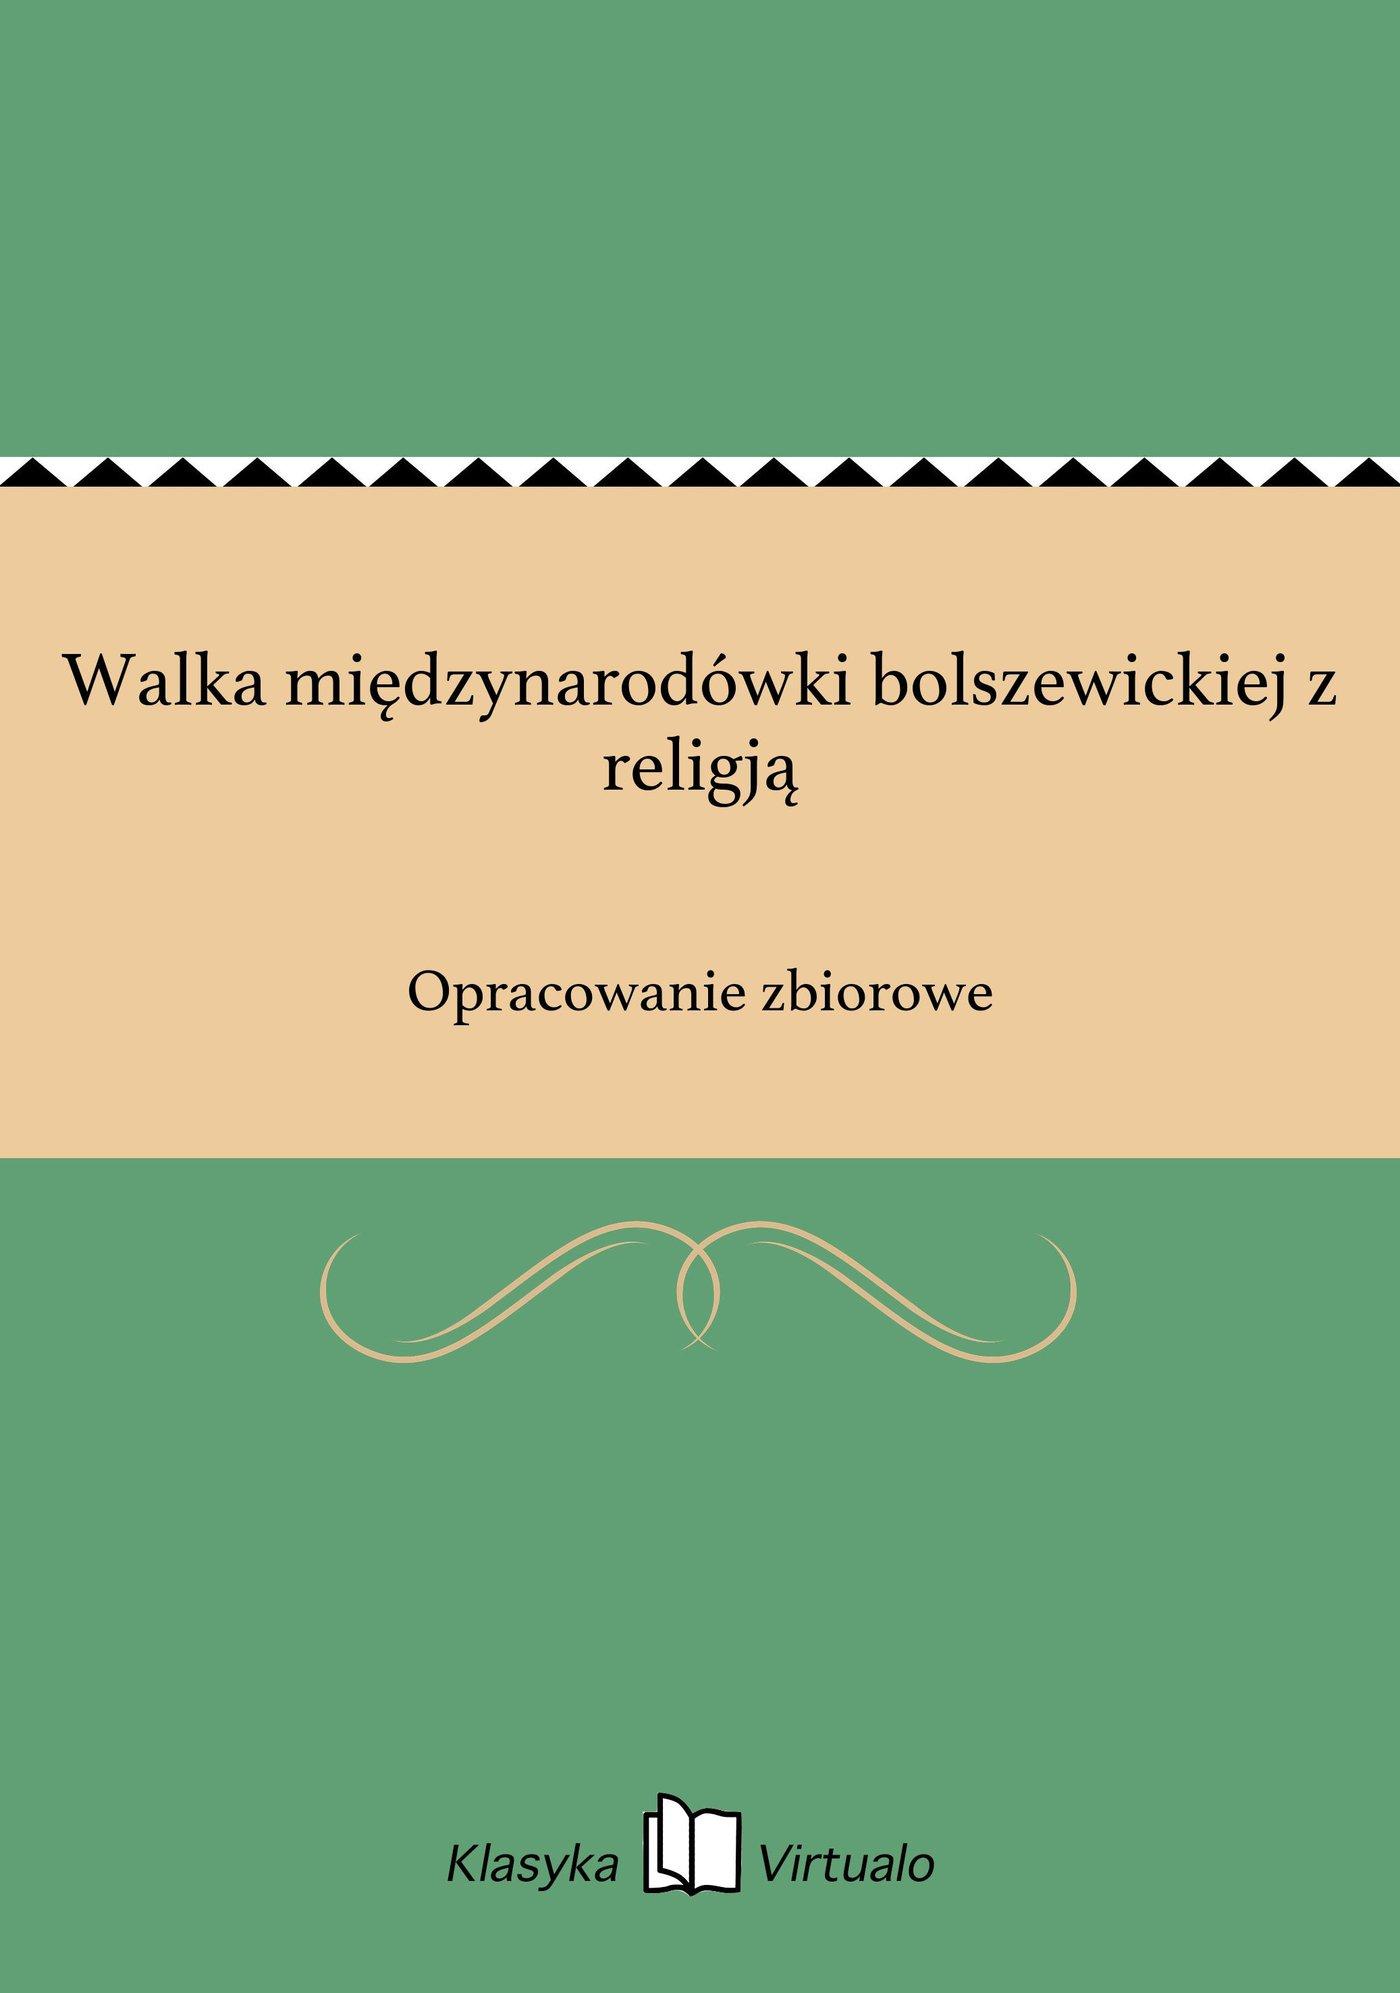 Walka międzynarodówki bolszewickiej z religją - Ebook (Książka EPUB) do pobrania w formacie EPUB